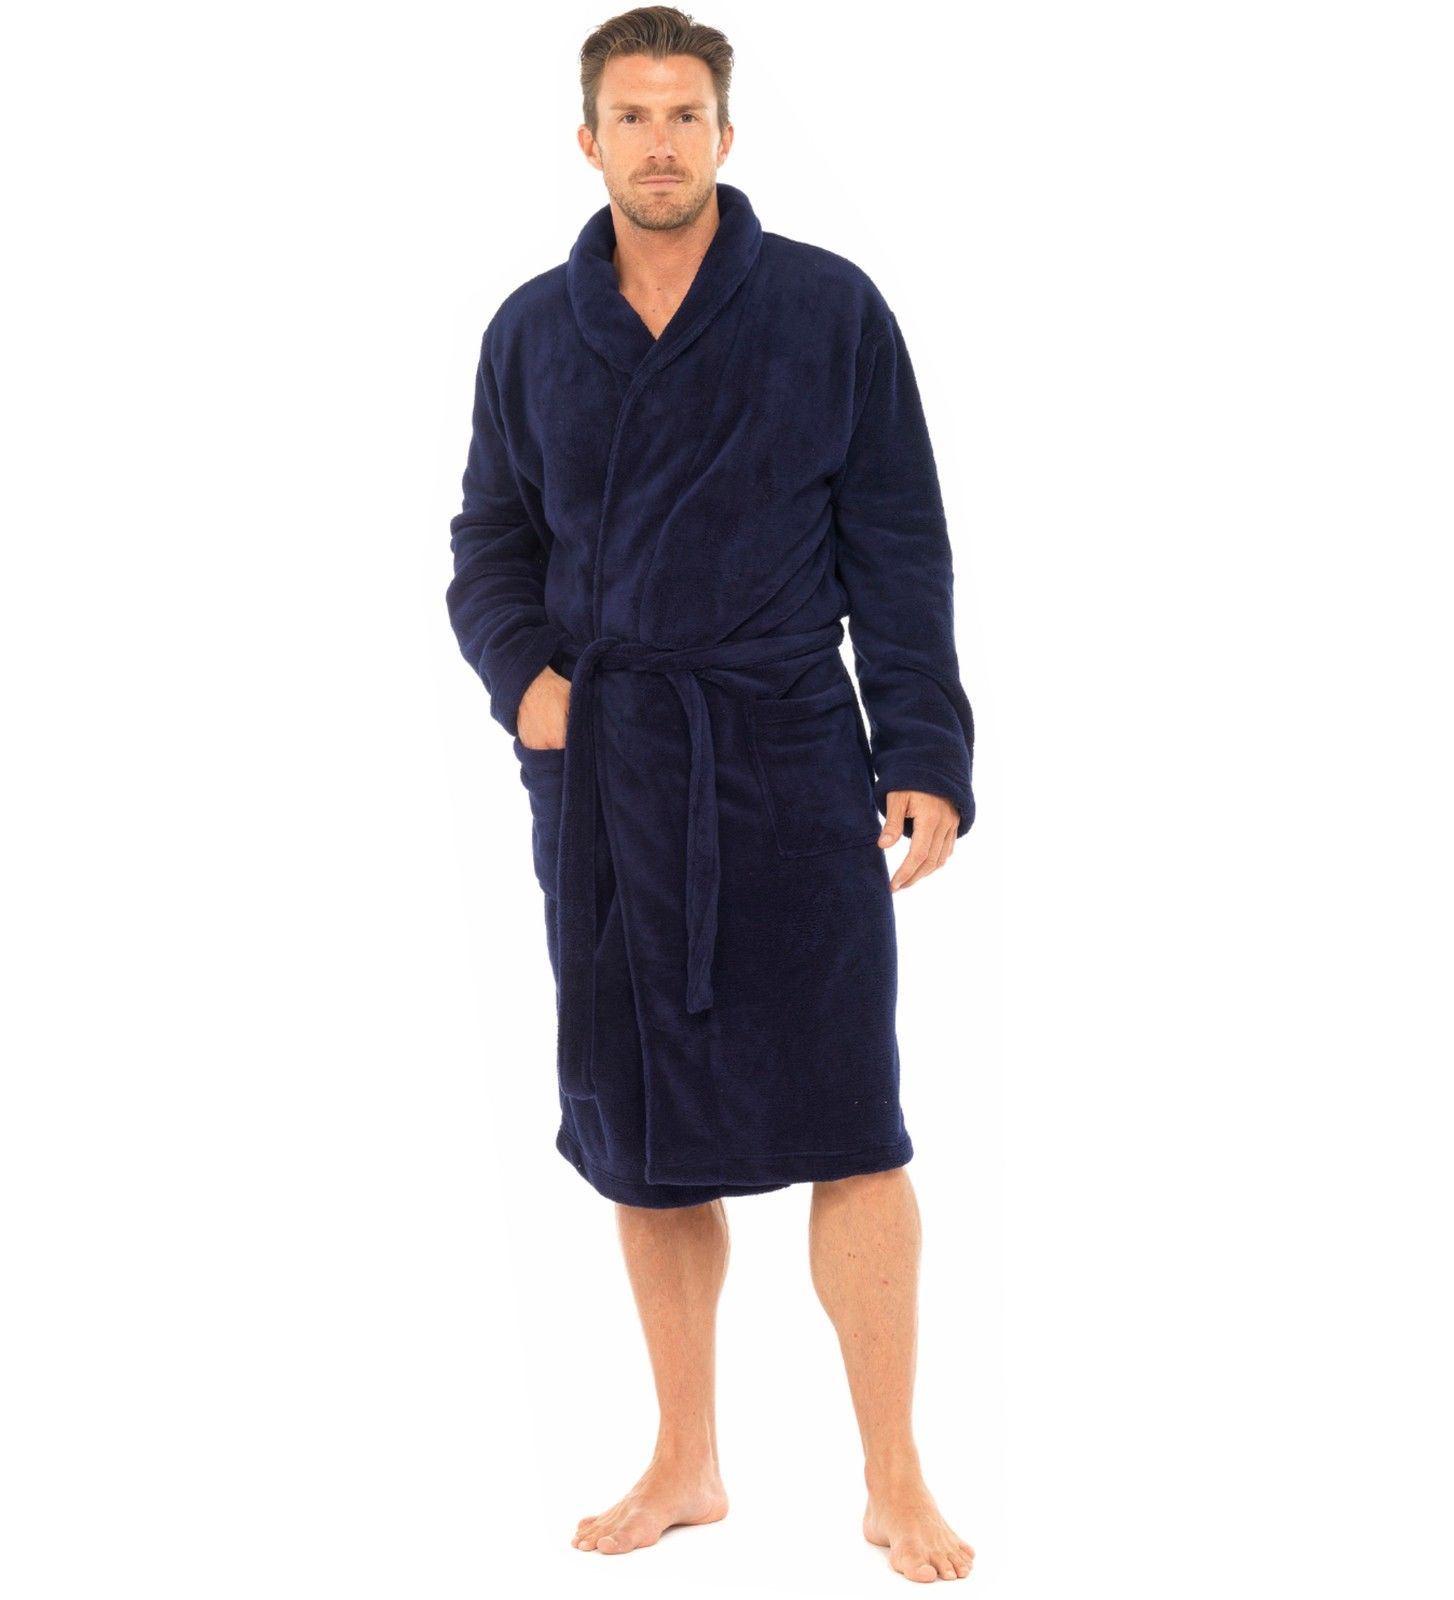 homme tom franks luxe plain corail polaire peignoir robe de chambre peignoir ht501 ebay. Black Bedroom Furniture Sets. Home Design Ideas